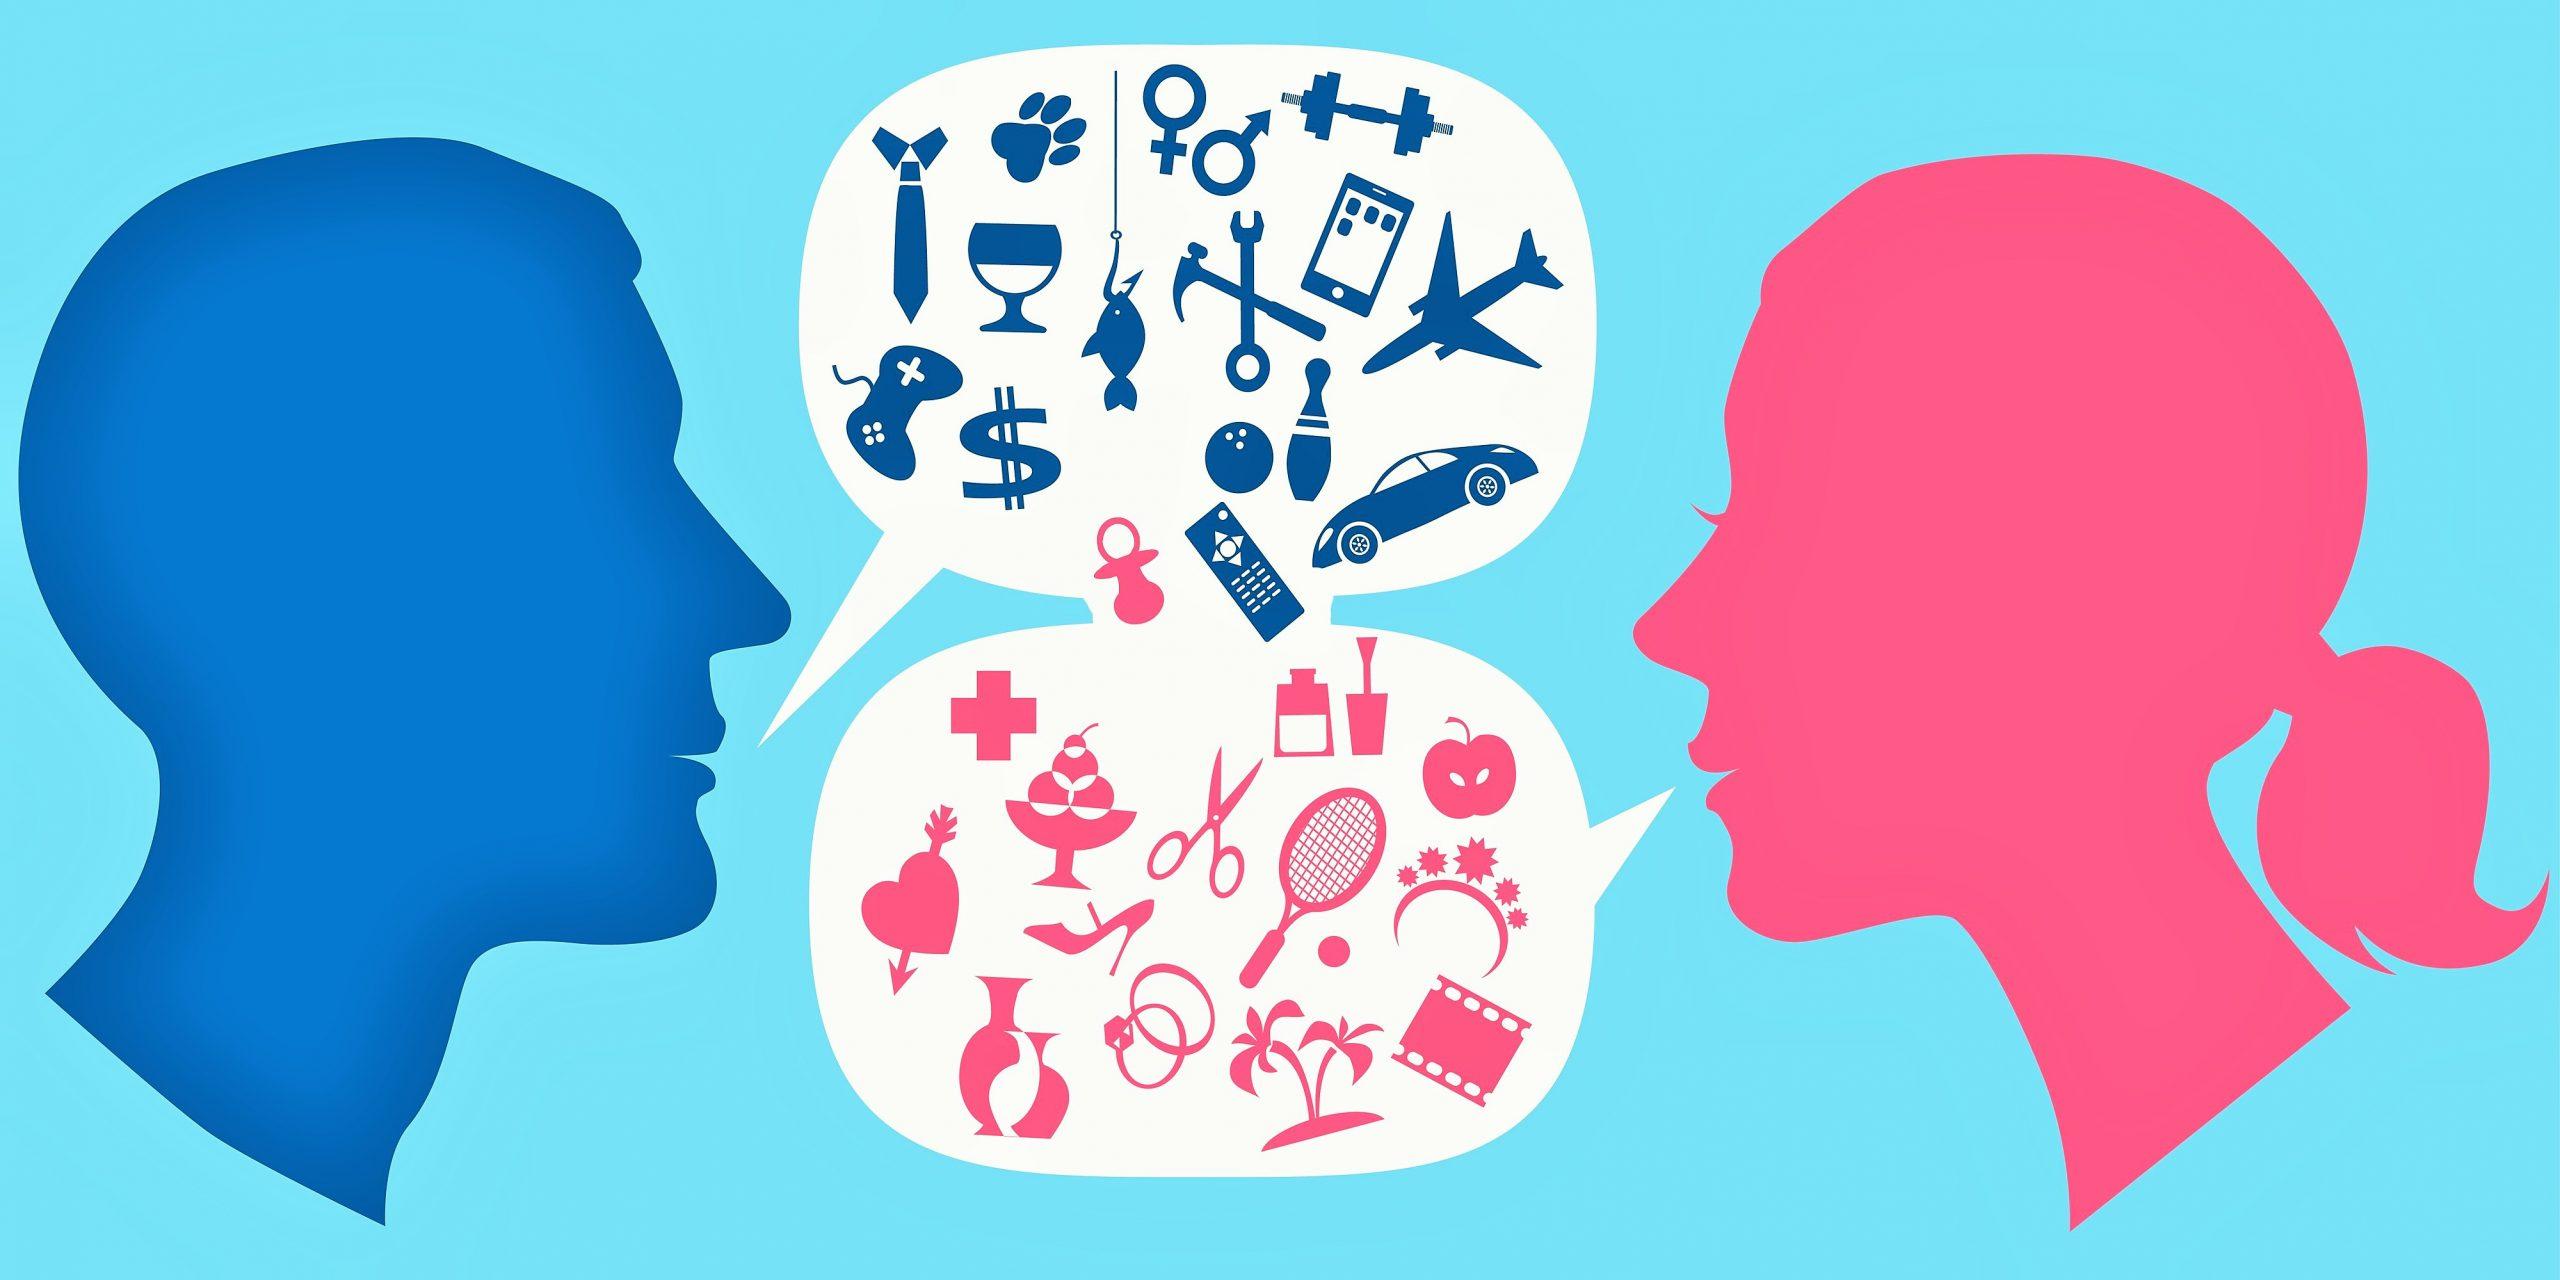 La socialización no explica las diferencias sexuales